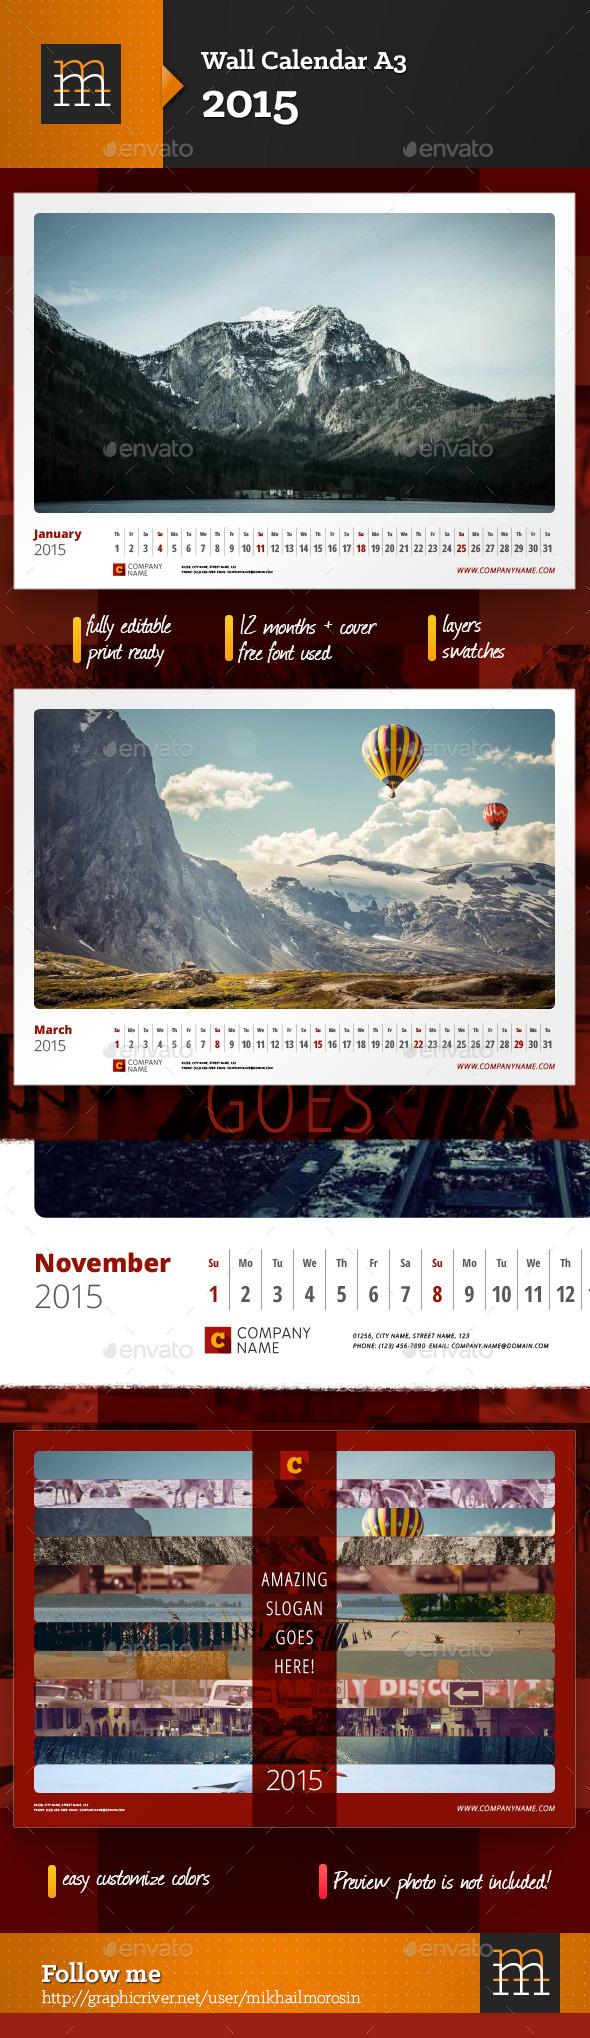 GraphicRiver Wall Calendar 2015 9106707